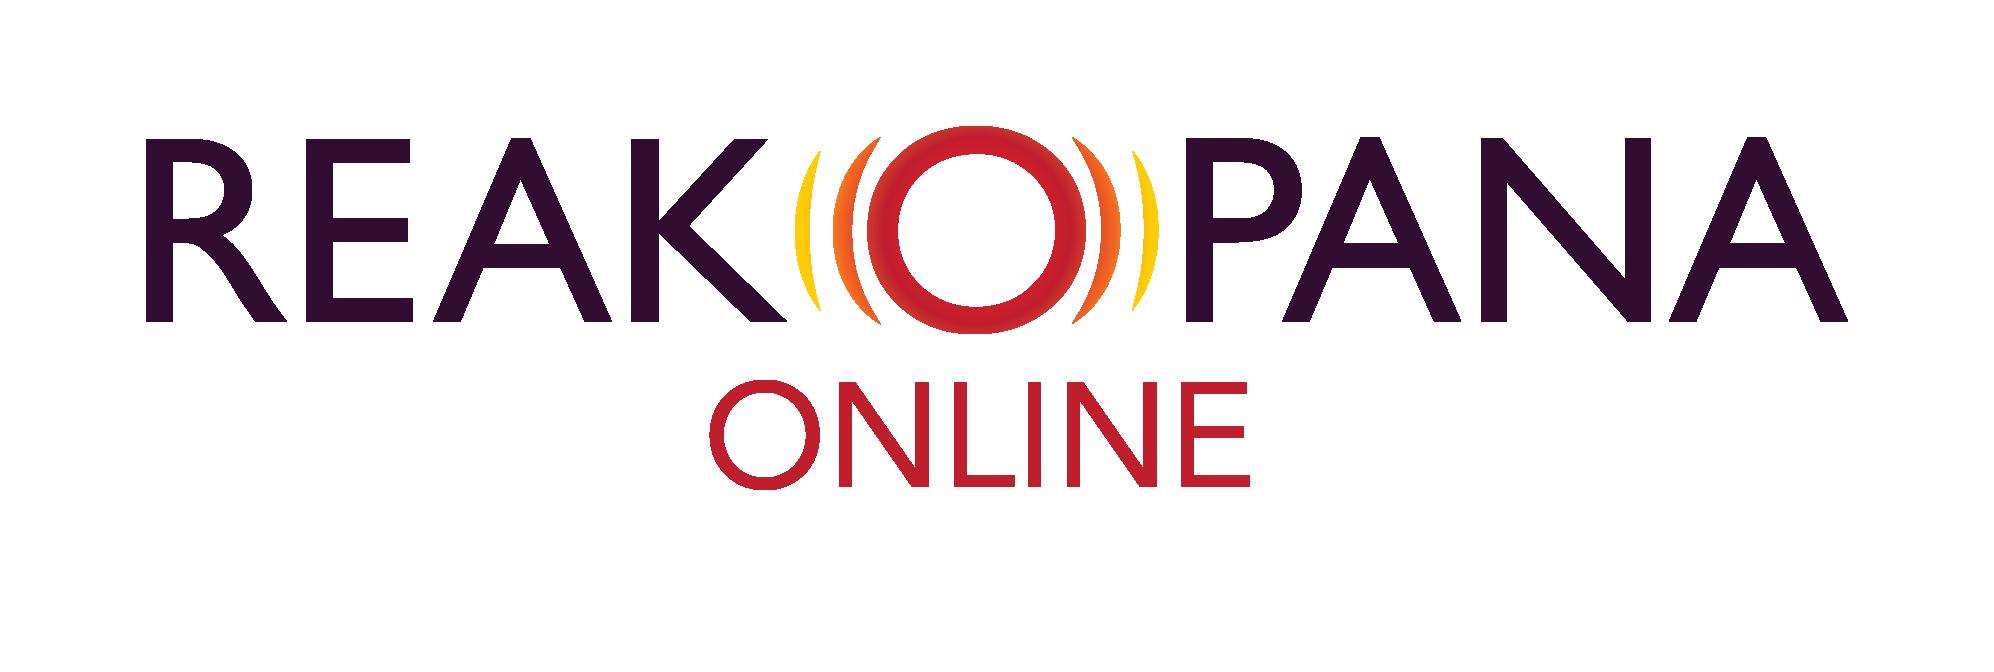 Reakopana Online Website